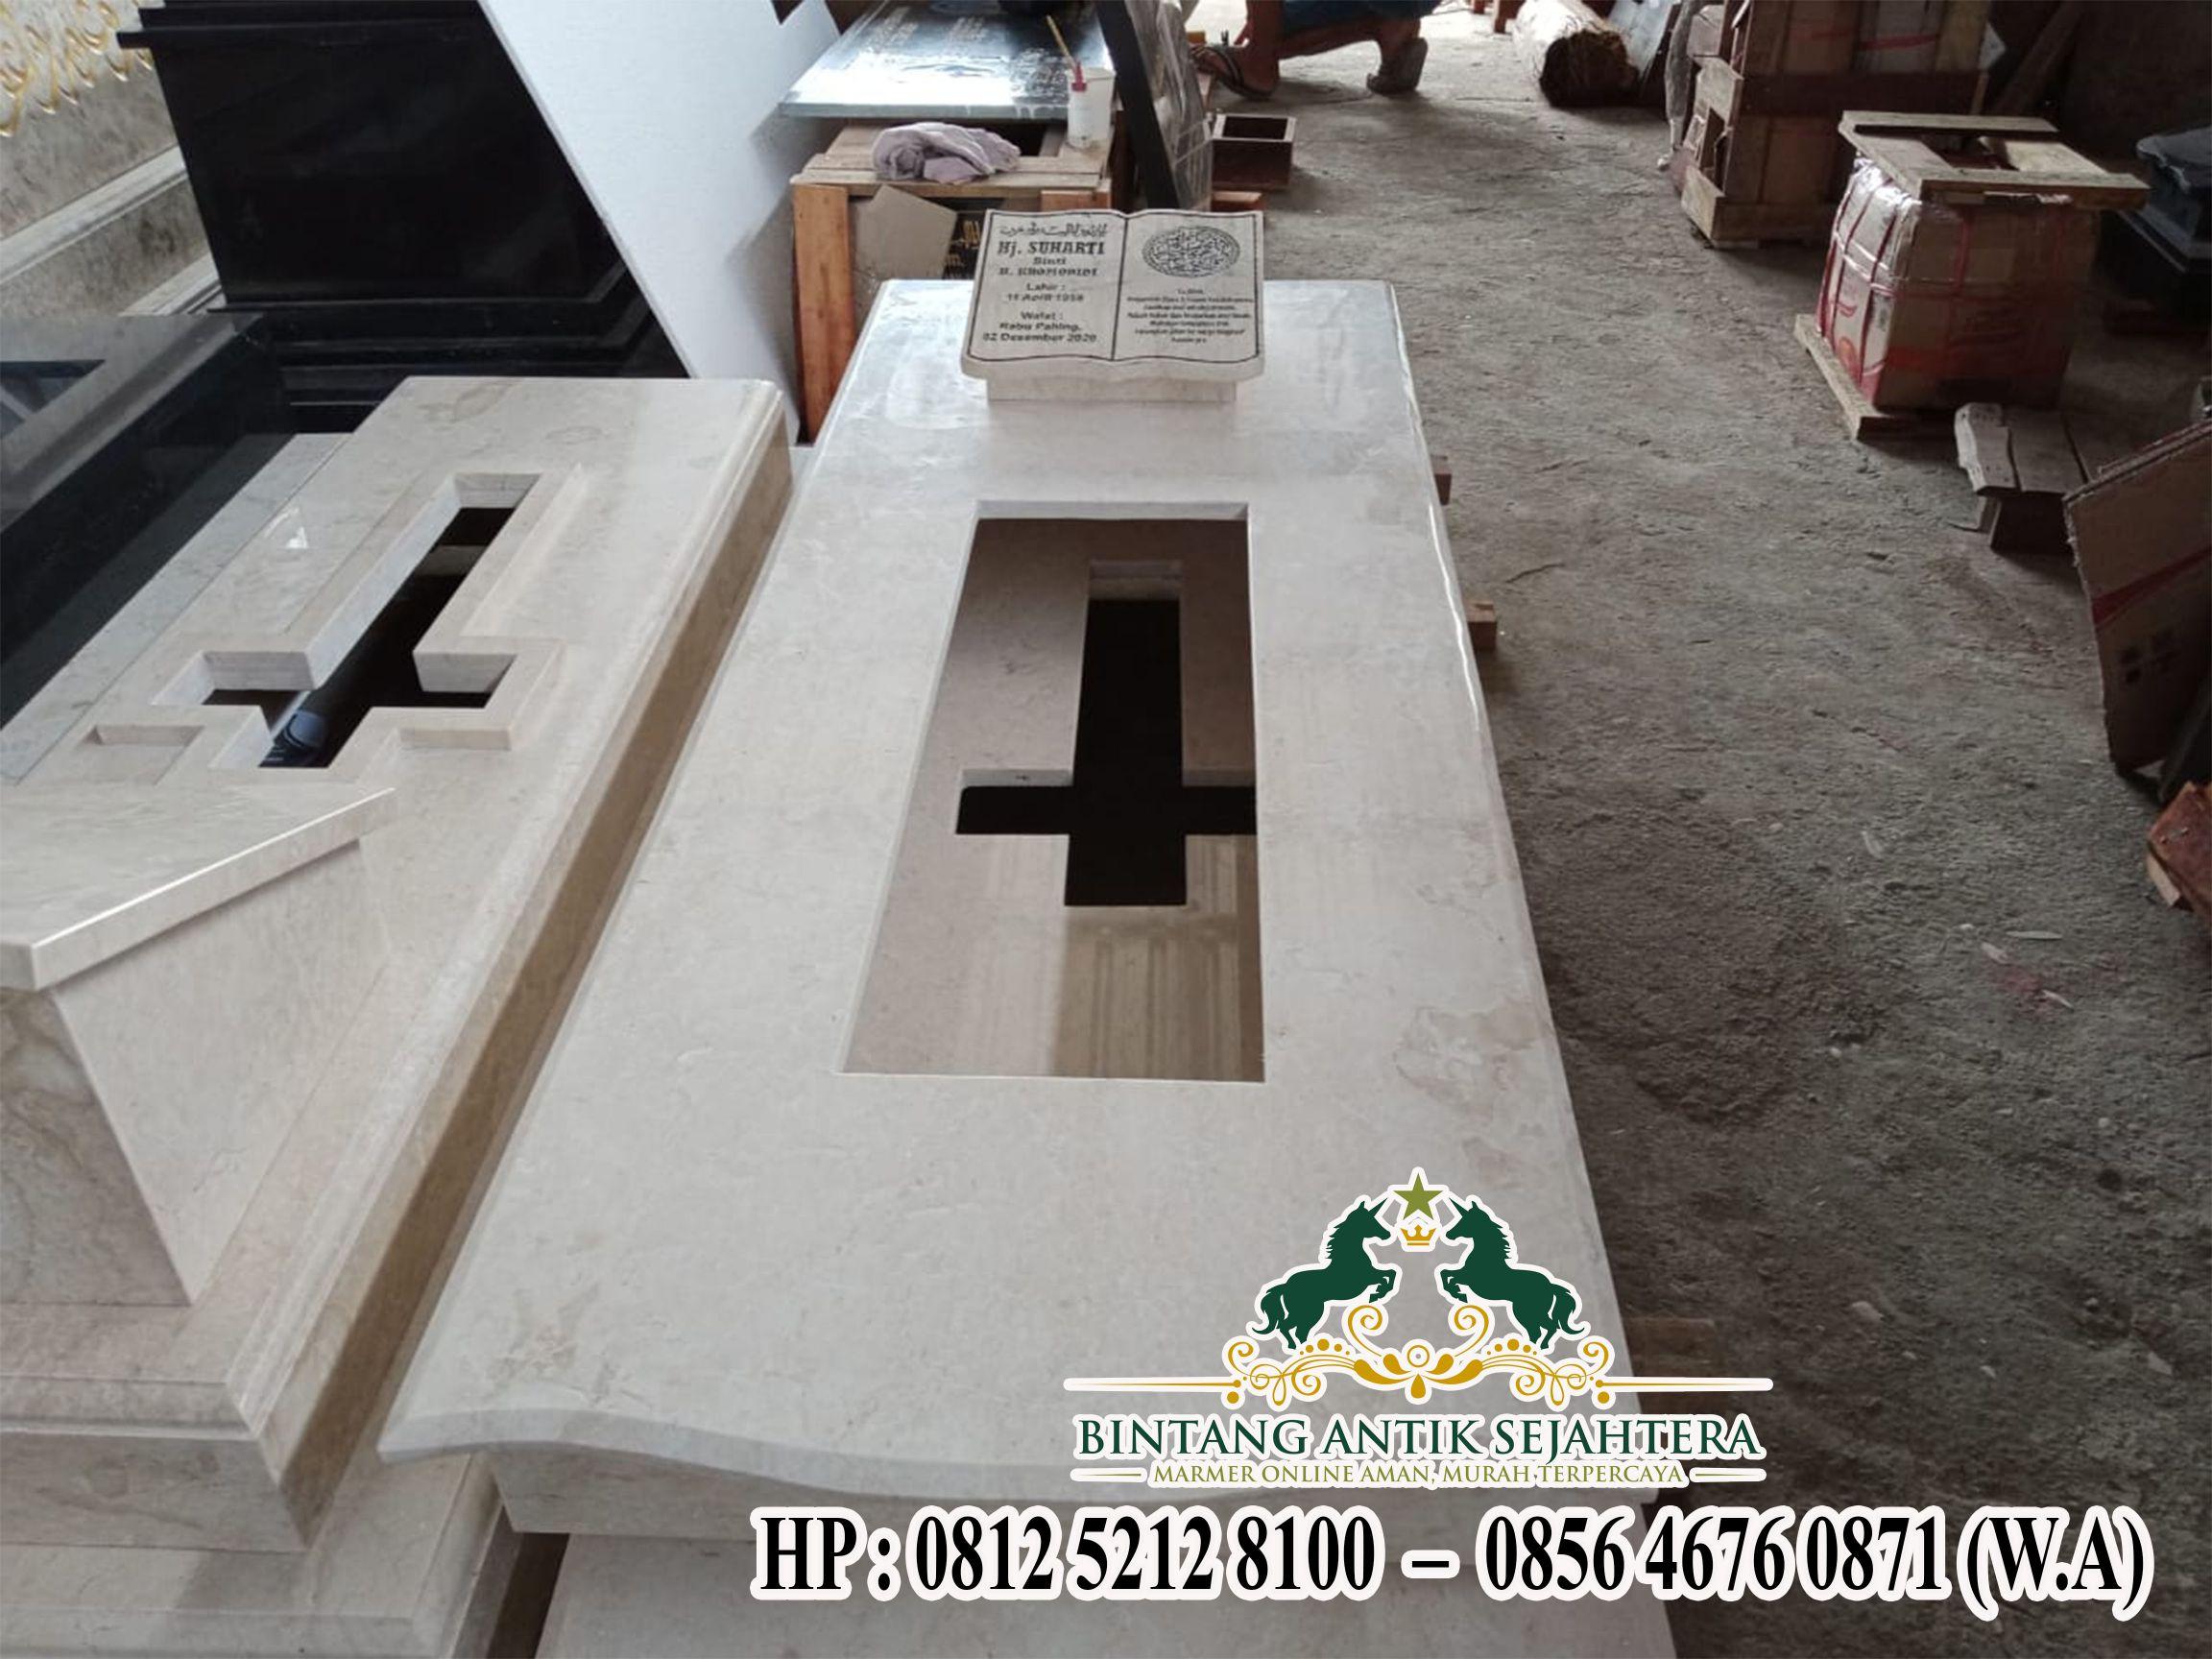 Makam Marmer, Model Trap 1 Marmer Minimalis, Jual Kijing Makam Marmer Murah